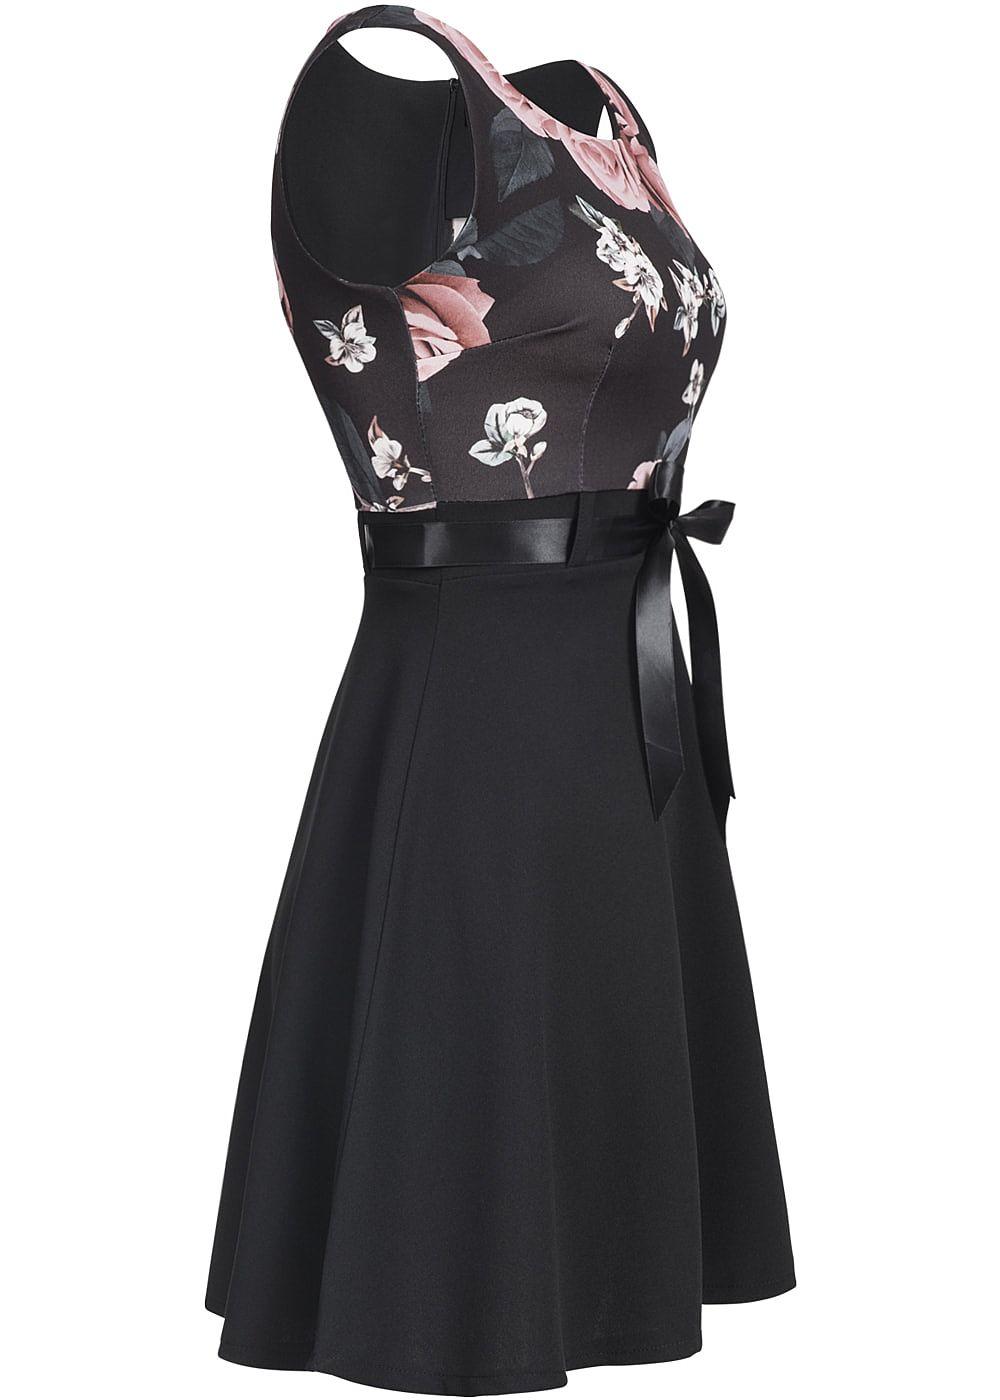 styleboom fashion damen mini kleid blumen print bindeband rundhals schwarz rosa 77onlineshop. Black Bedroom Furniture Sets. Home Design Ideas